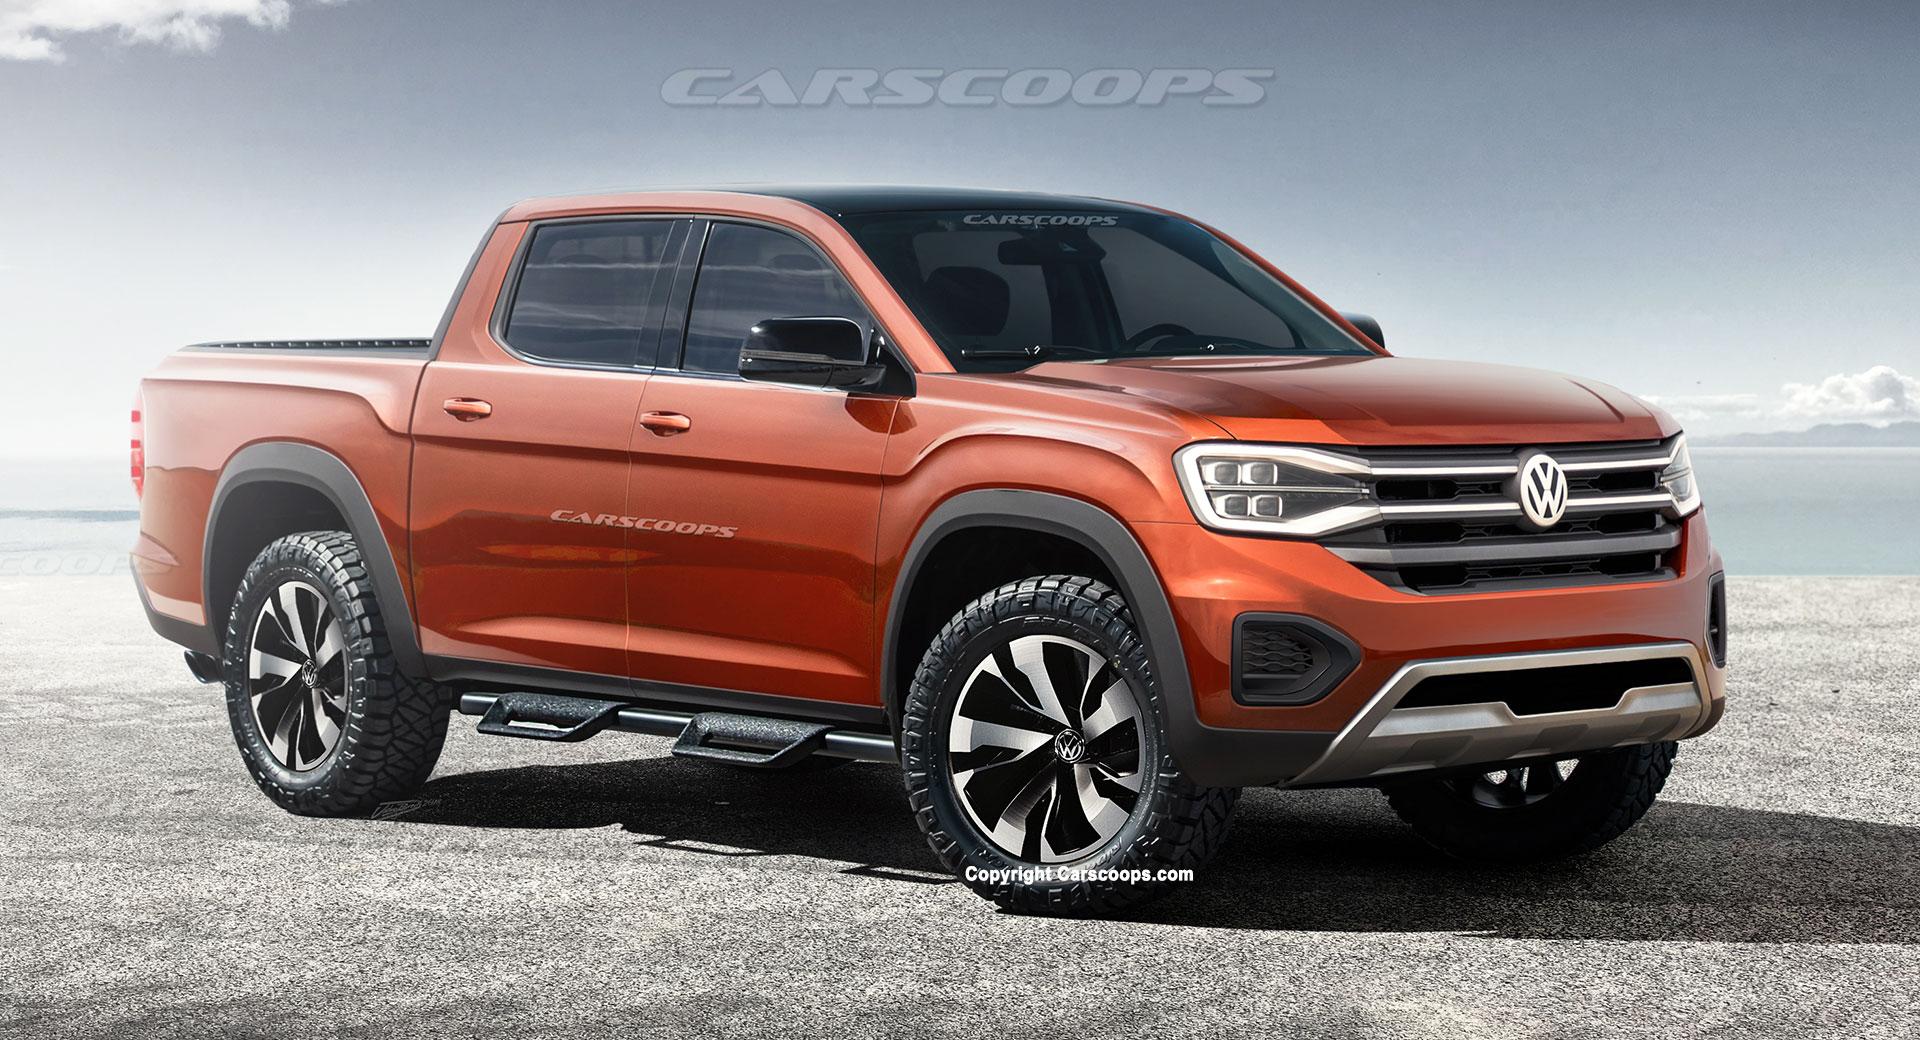 2022 Volkswagen Amarok: Envisaging A Ford Ranger-Based ...